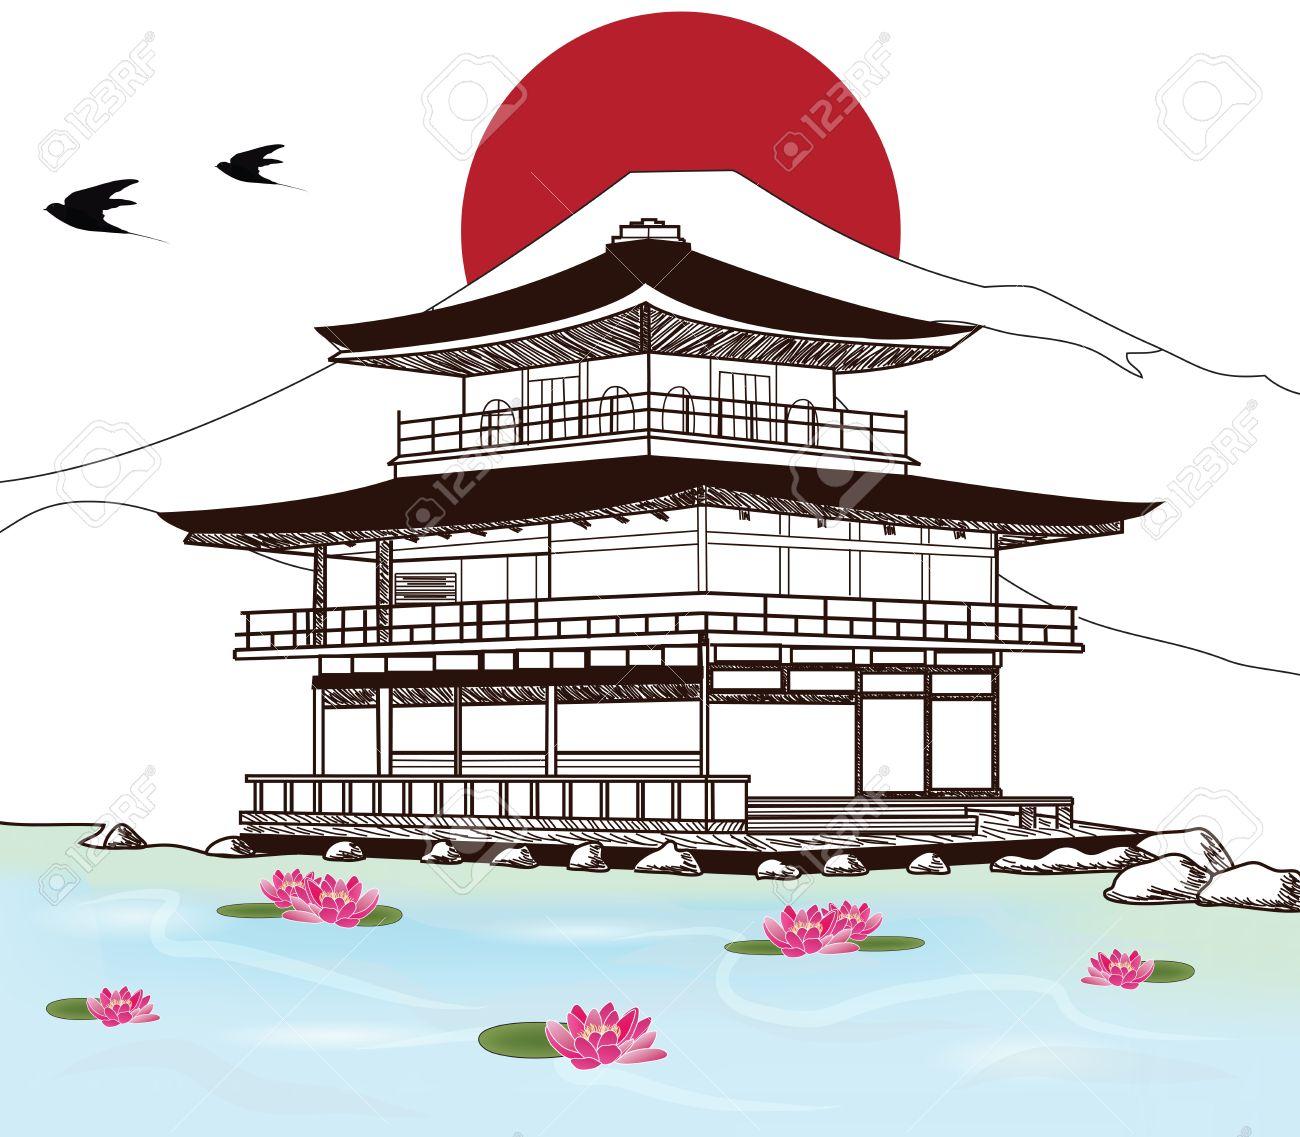 Japanese Pagoda Drawing At Getdrawings